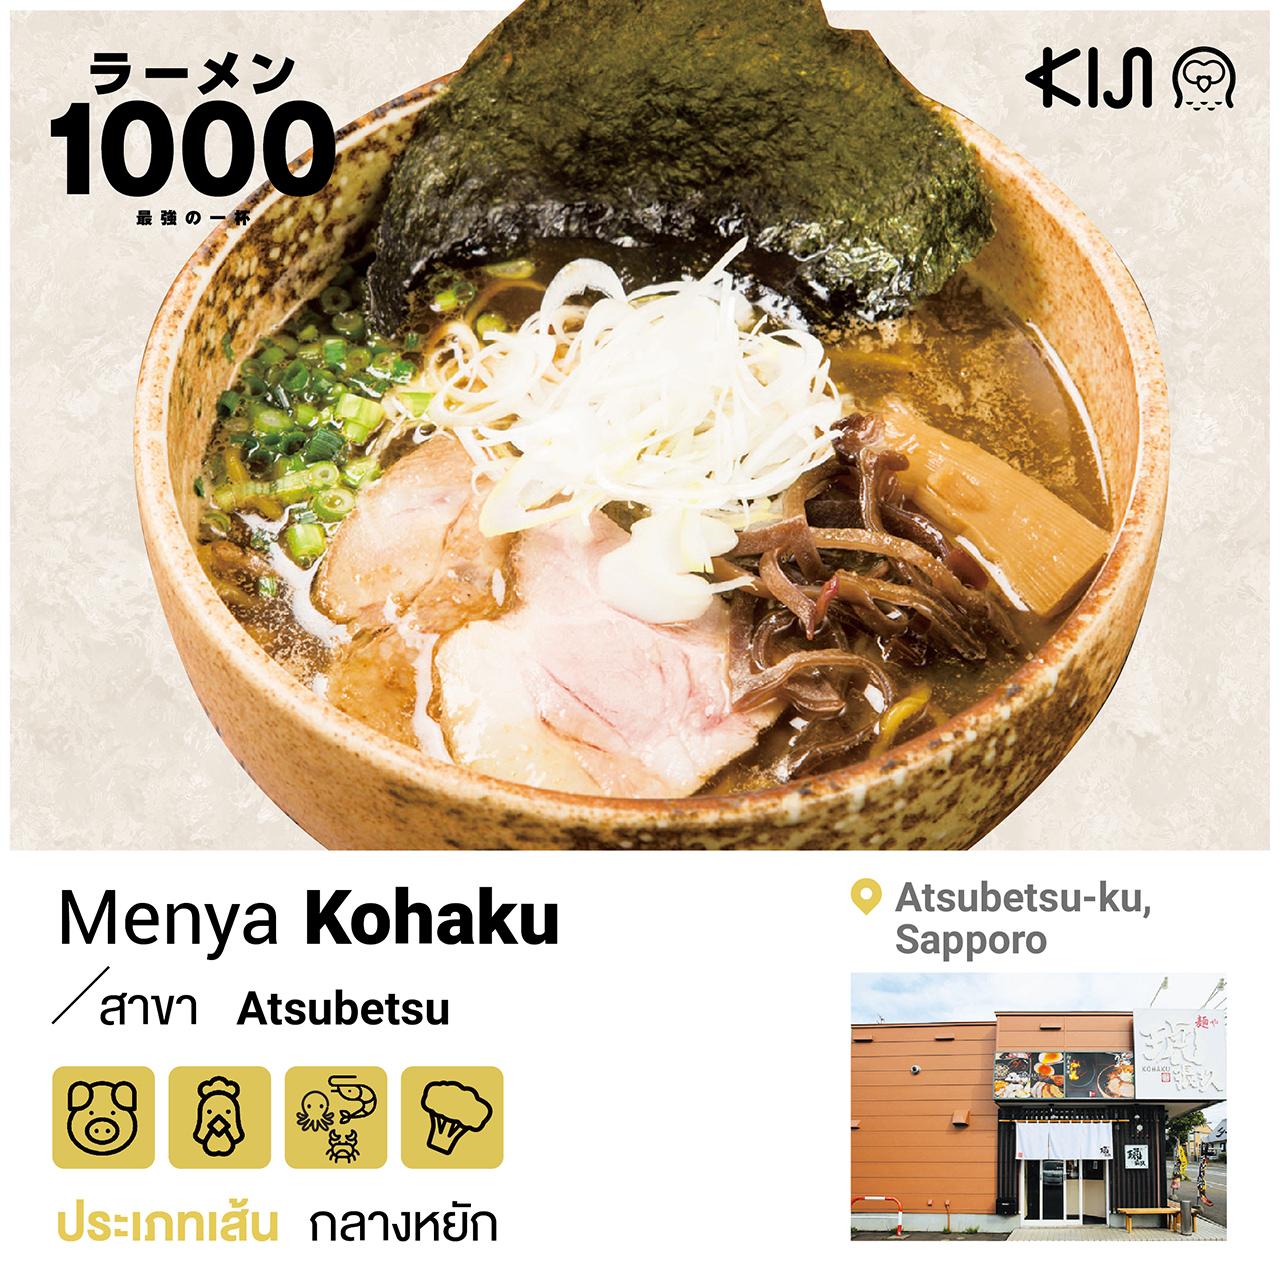 ร้านราเมนในฮอกไกโด - Menya Kohaku สาขา Atsubetsu